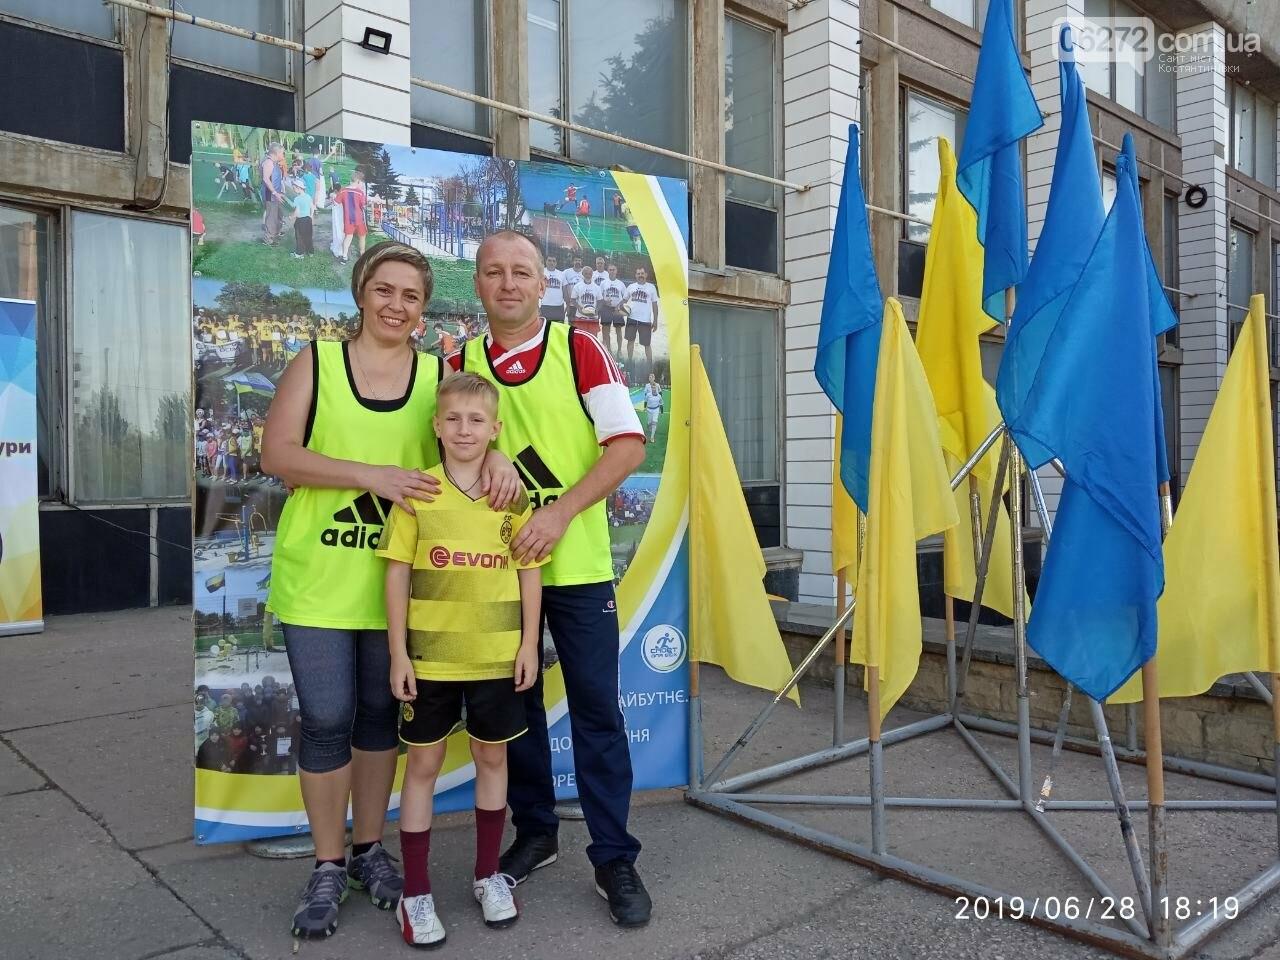 Сім'я із Костянтинівки стала найспортивнішою в Донецькій області, фото-7